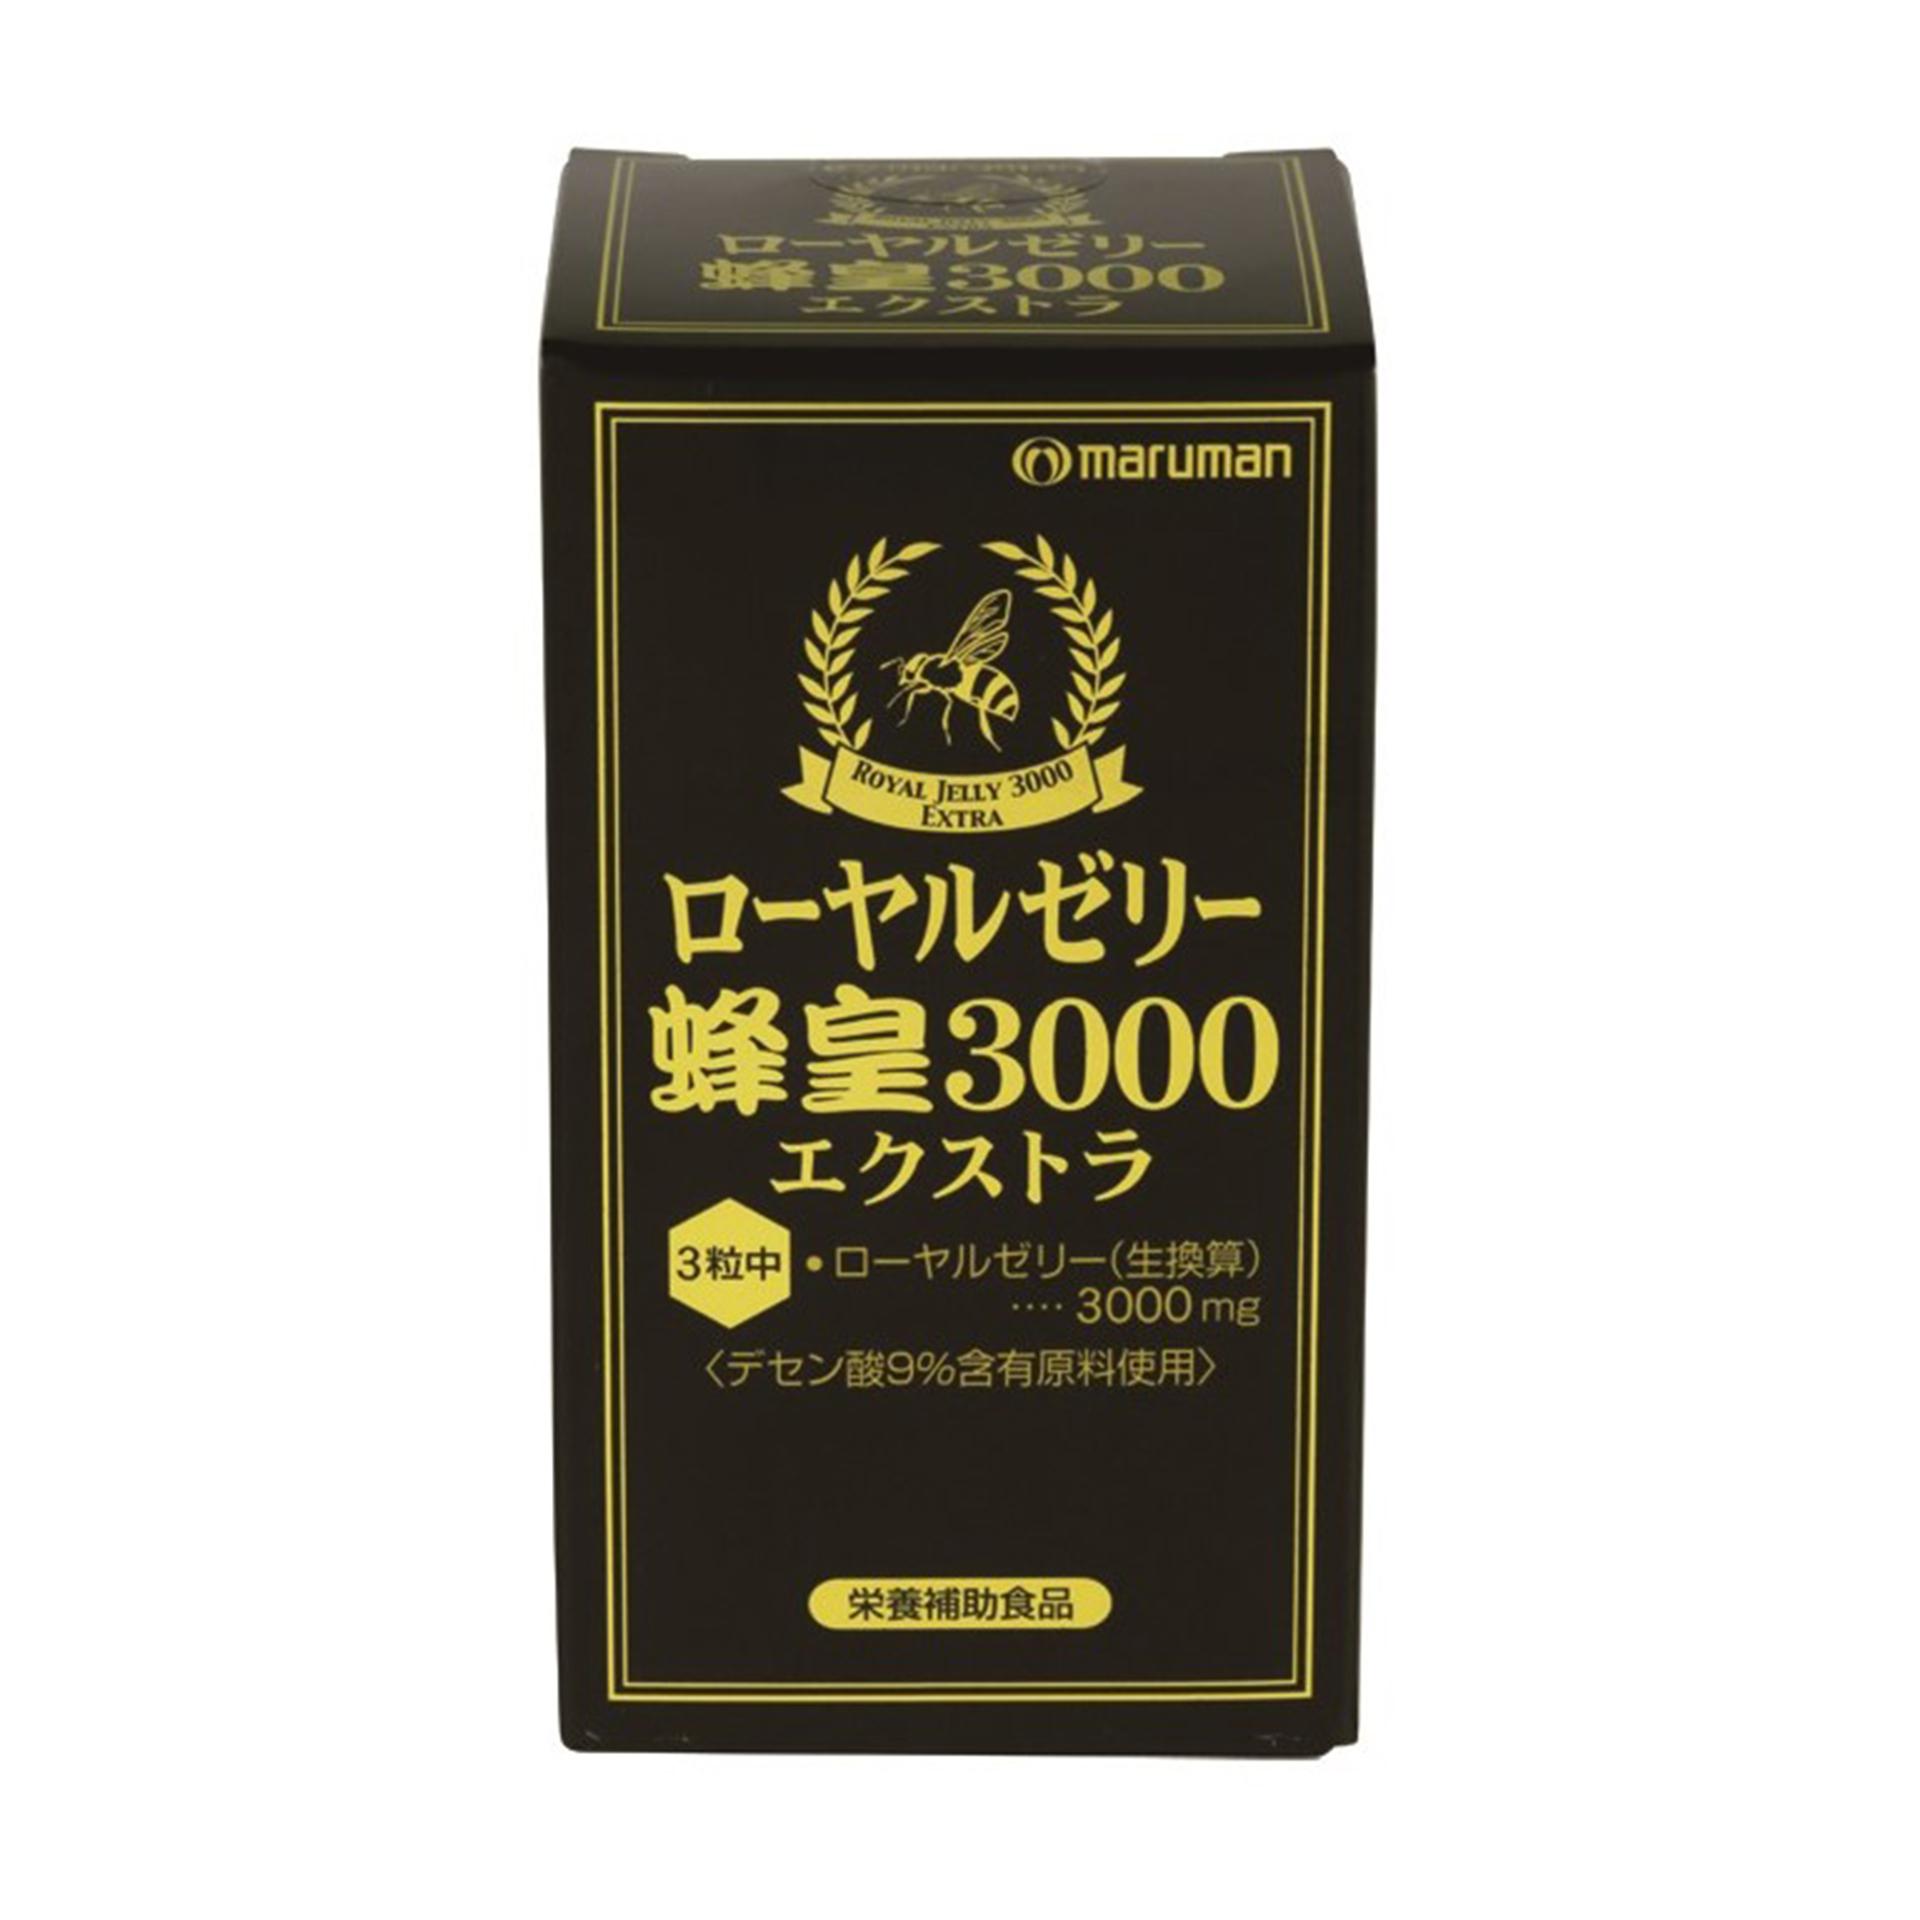 【定期購入】【ローヤルゼリー蜂皇3000エクストラ】 ローヤルゼリー3,000㎎